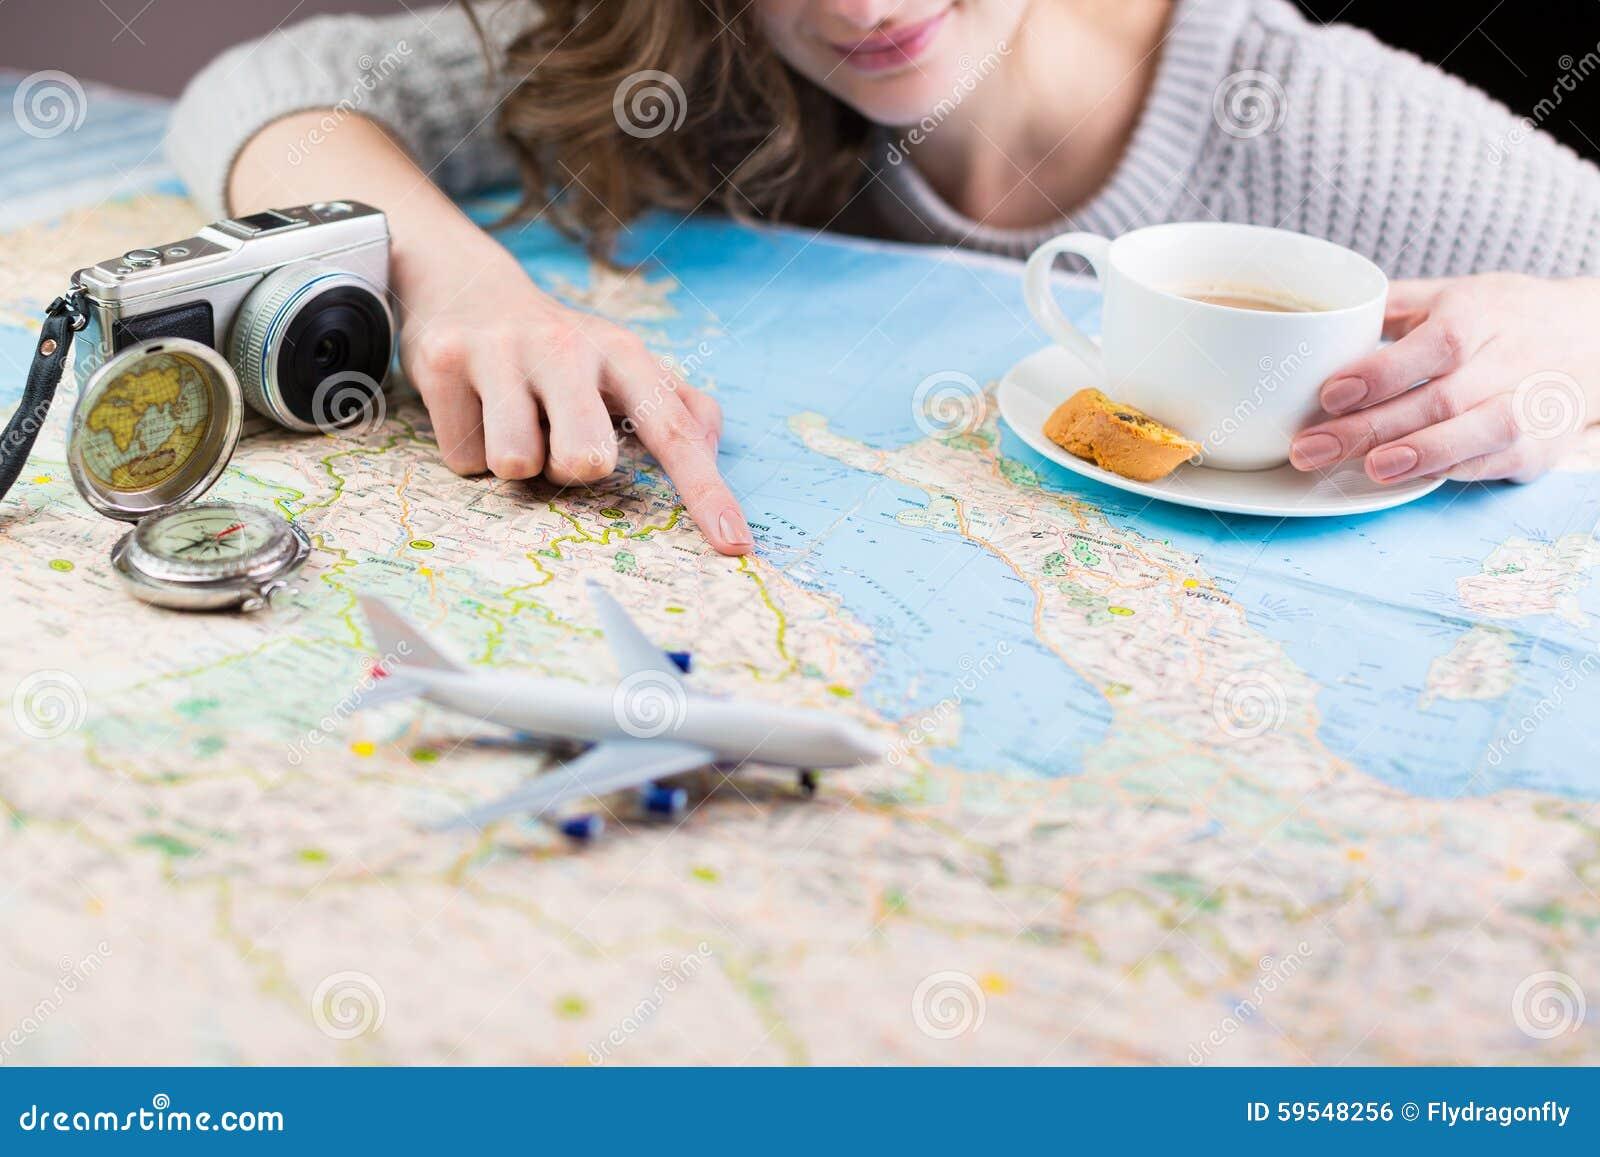 Reise, Reiseferien, Tourismus